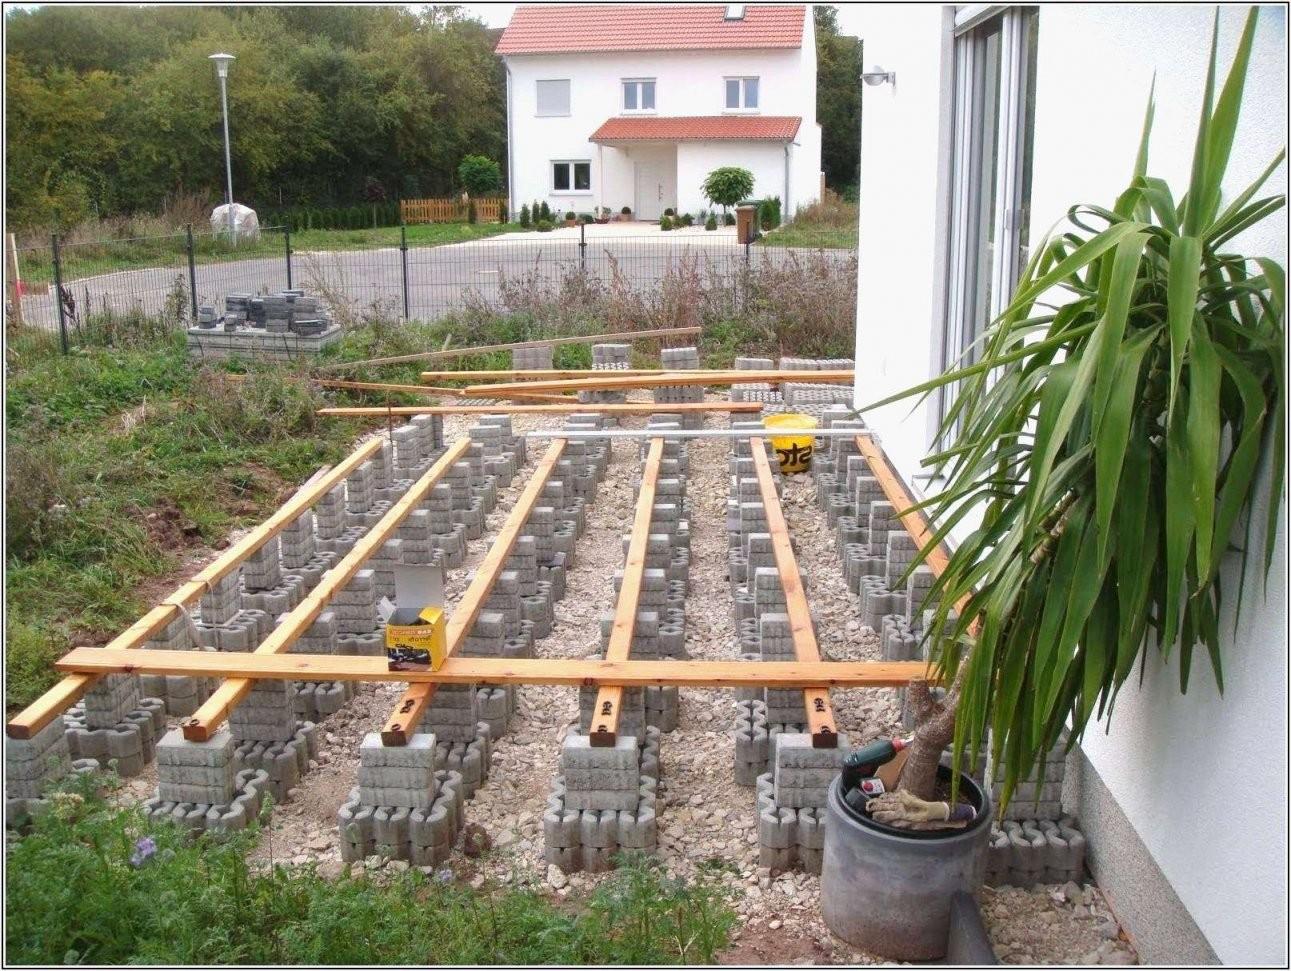 Treppe Garten Selber Bauen Holz Schön Terrasse Treppe Selber Bauen von Terrassen Treppen Selber Bauen Bild